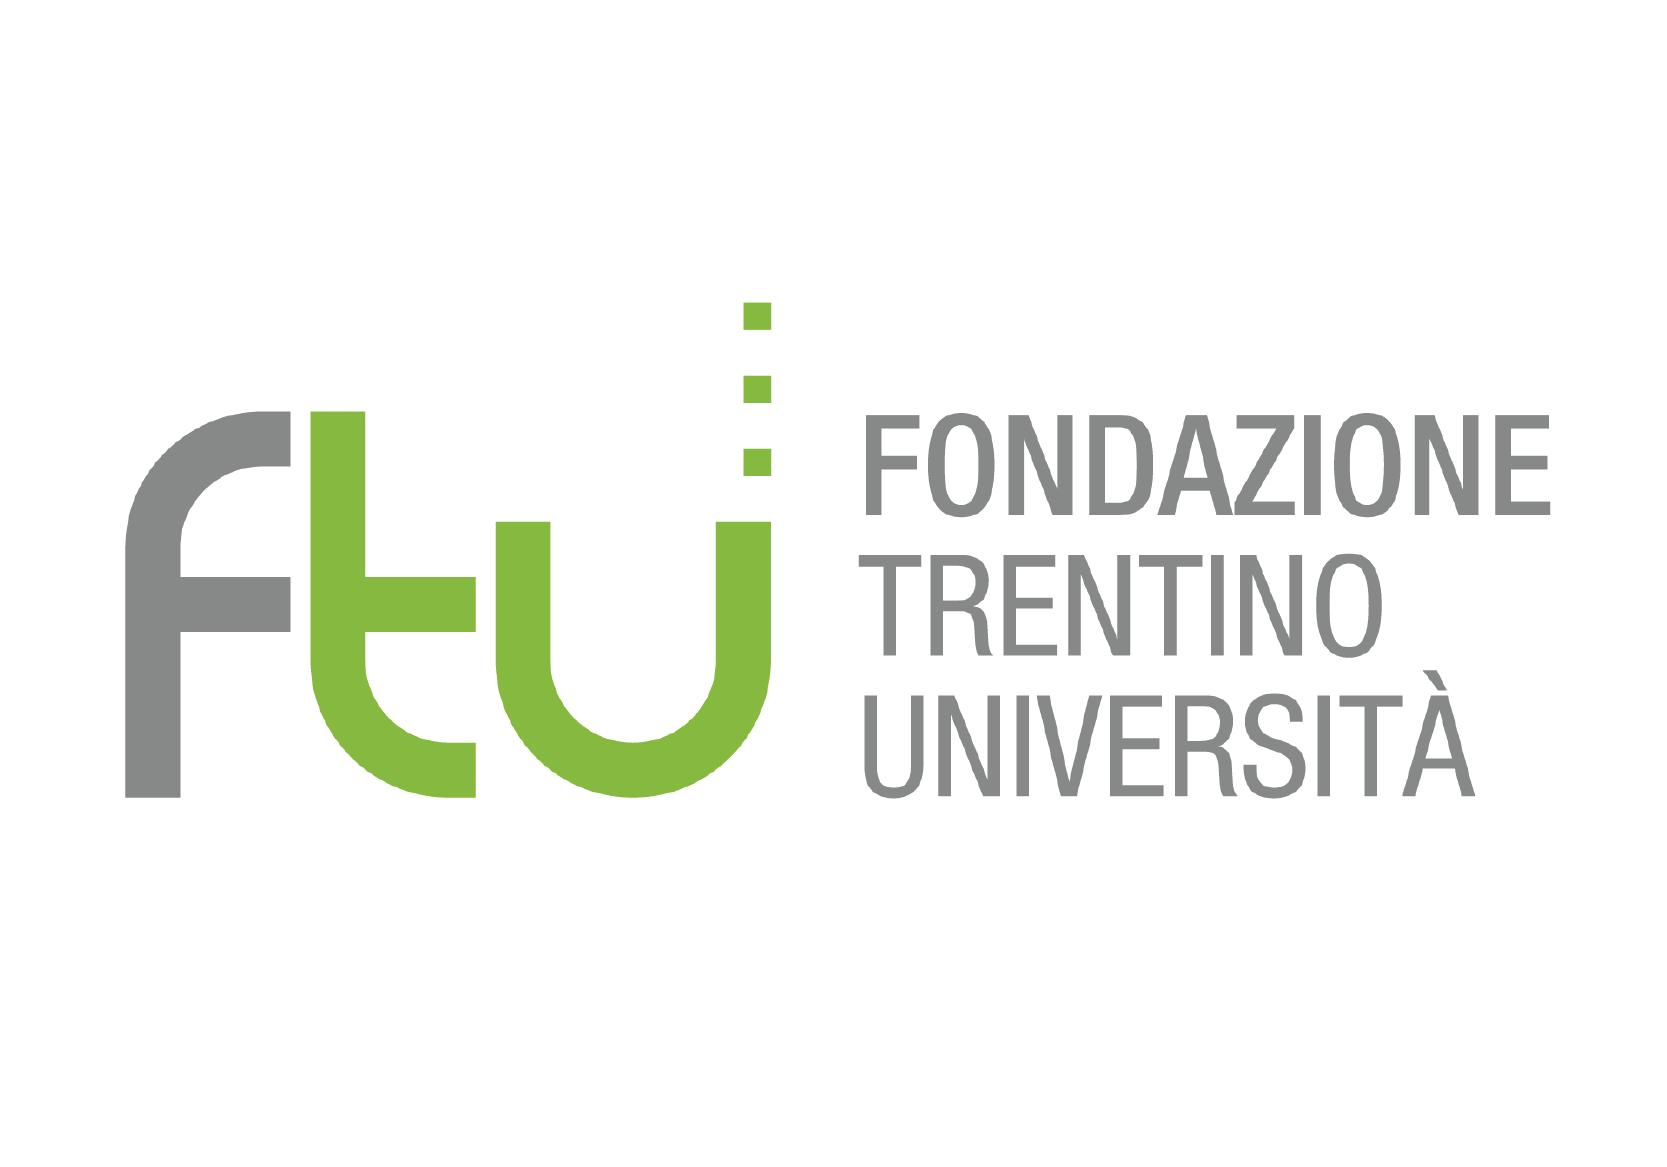 Fondazione Trentino Universita